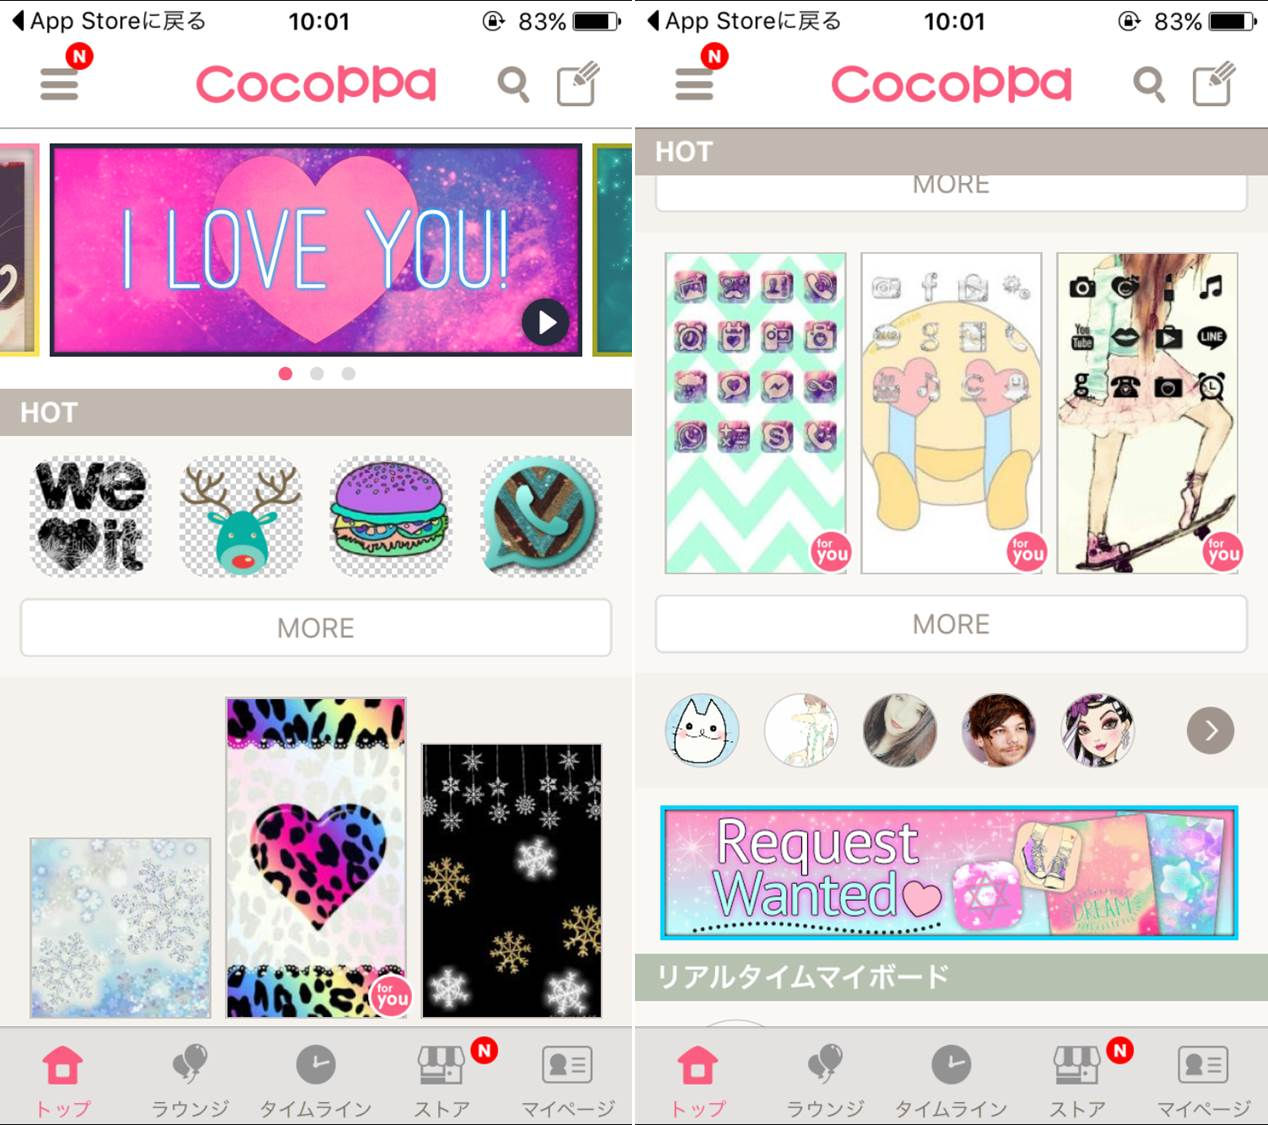 cocoppa-デザイン